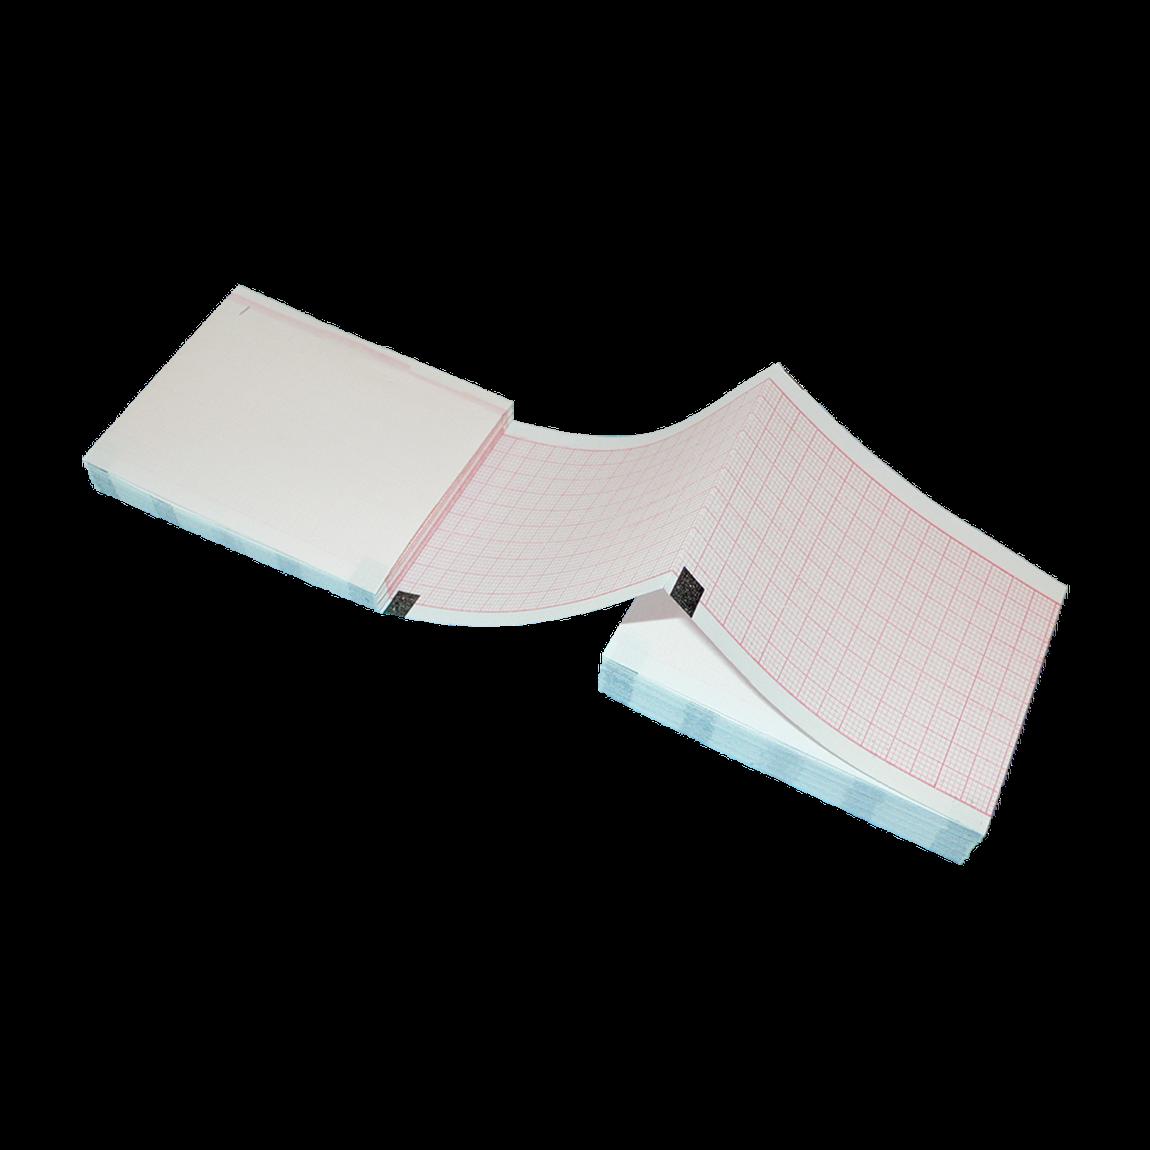 60х75х250, бумага ЭКГ для Cardiette AR-600, реестр 4099/1